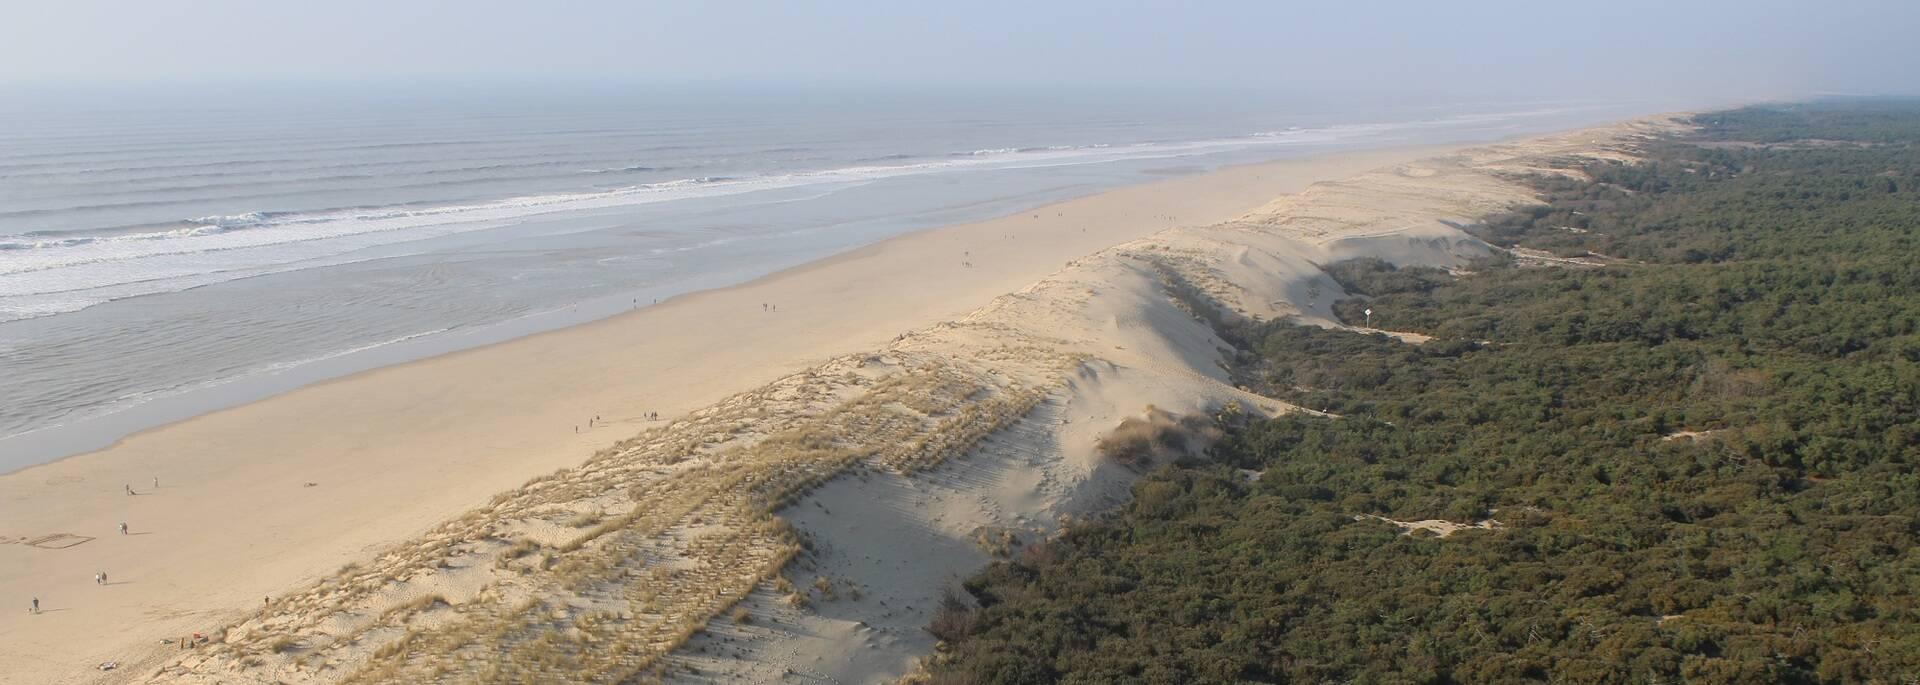 Le littoral de la Côte Sauvage vu du phare - ©P.Migaud / FDHPA 17